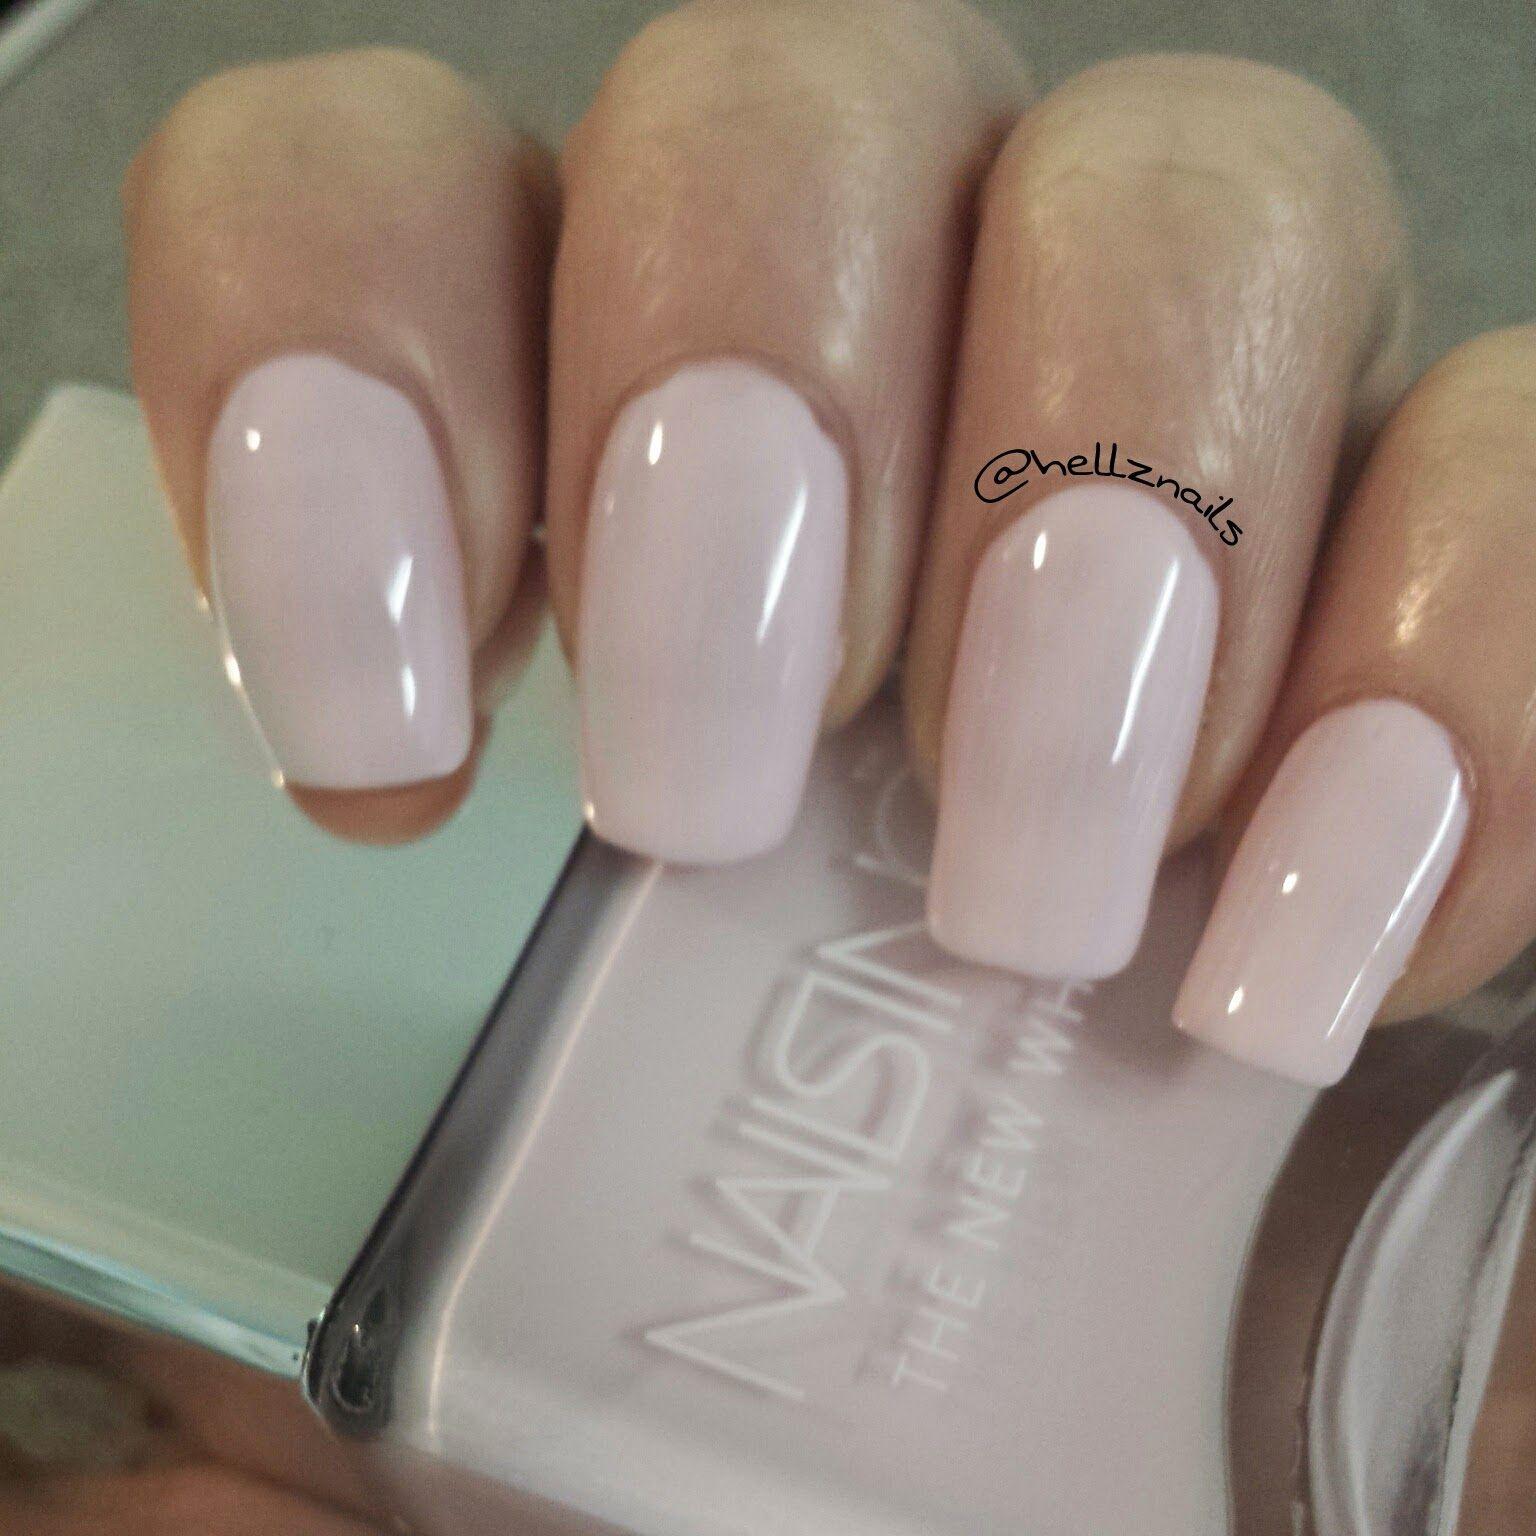 Nails inc gel nail colors and gel nail polish on pinterest - Nails Inc Lilly Road Nail Polish Swatch